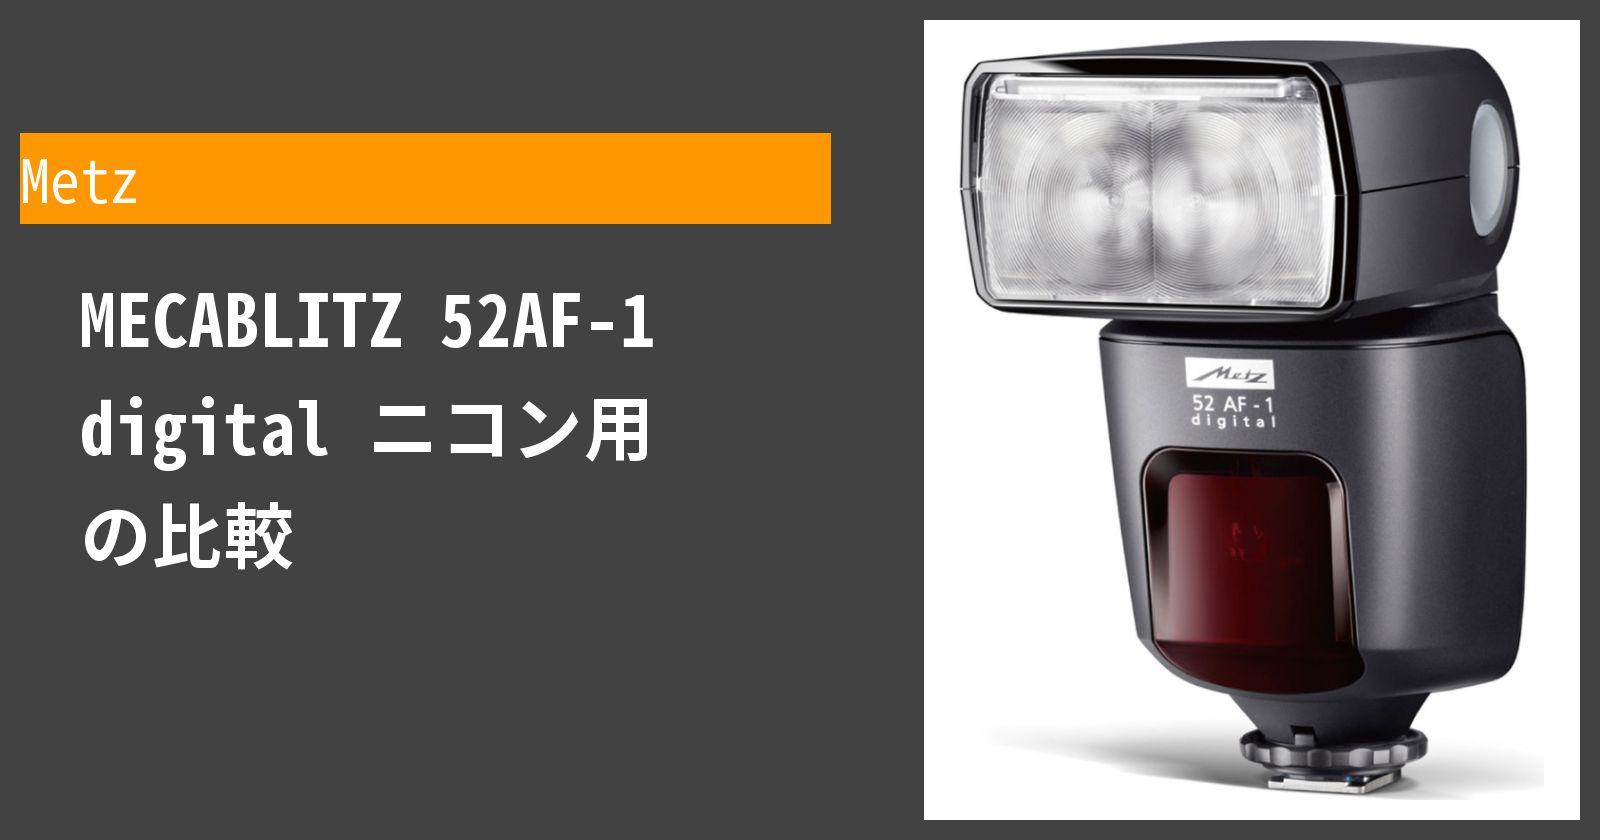 MECABLITZ 52AF-1 digital ニコン用を徹底評価